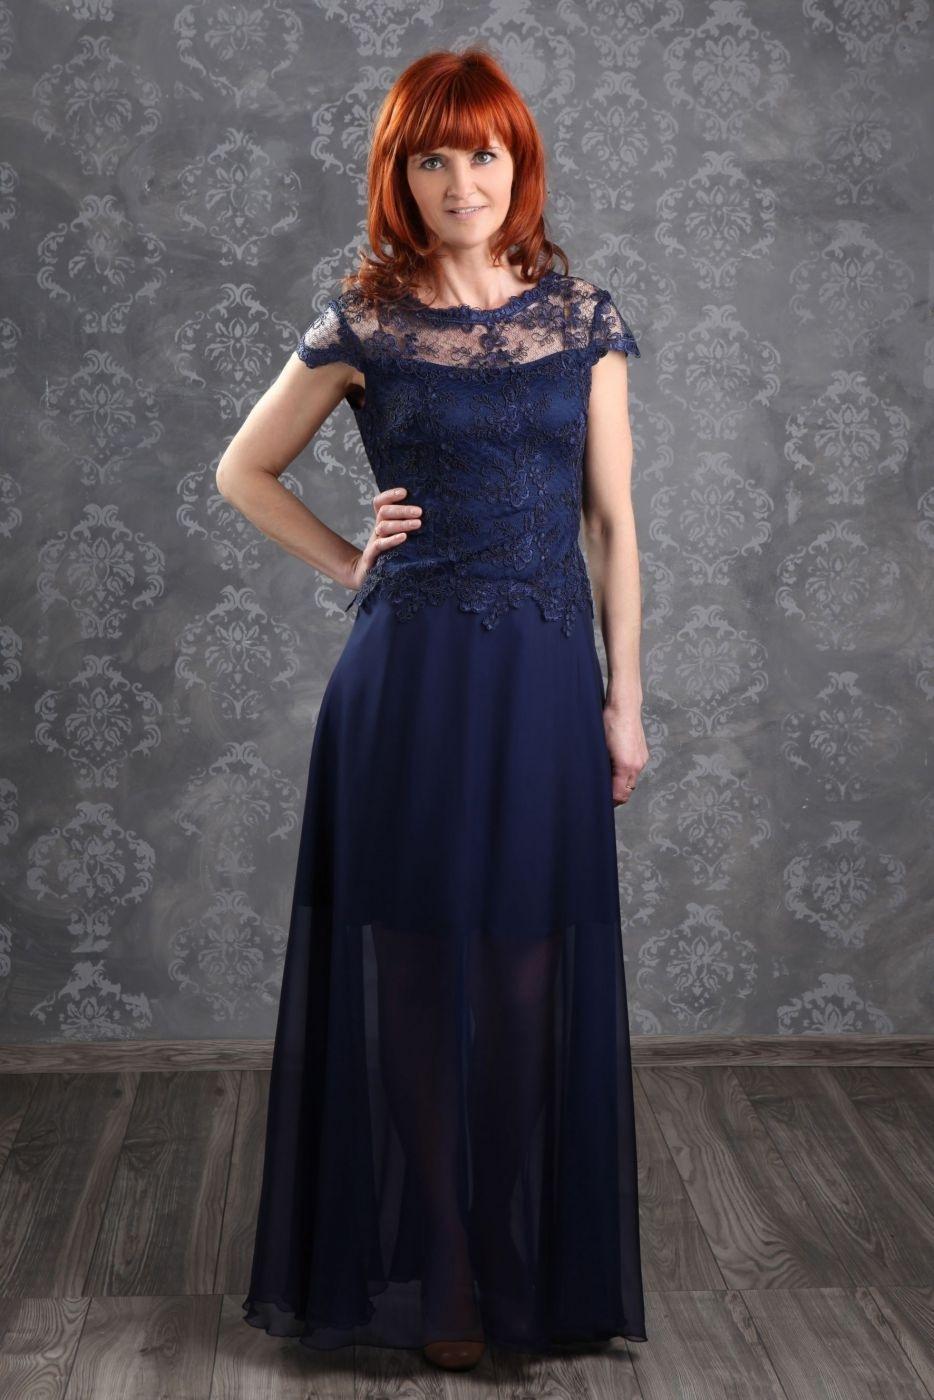 17 Schön Abendkleider Ältere Frauen Stylish17 Kreativ Abendkleider Ältere Frauen Spezialgebiet